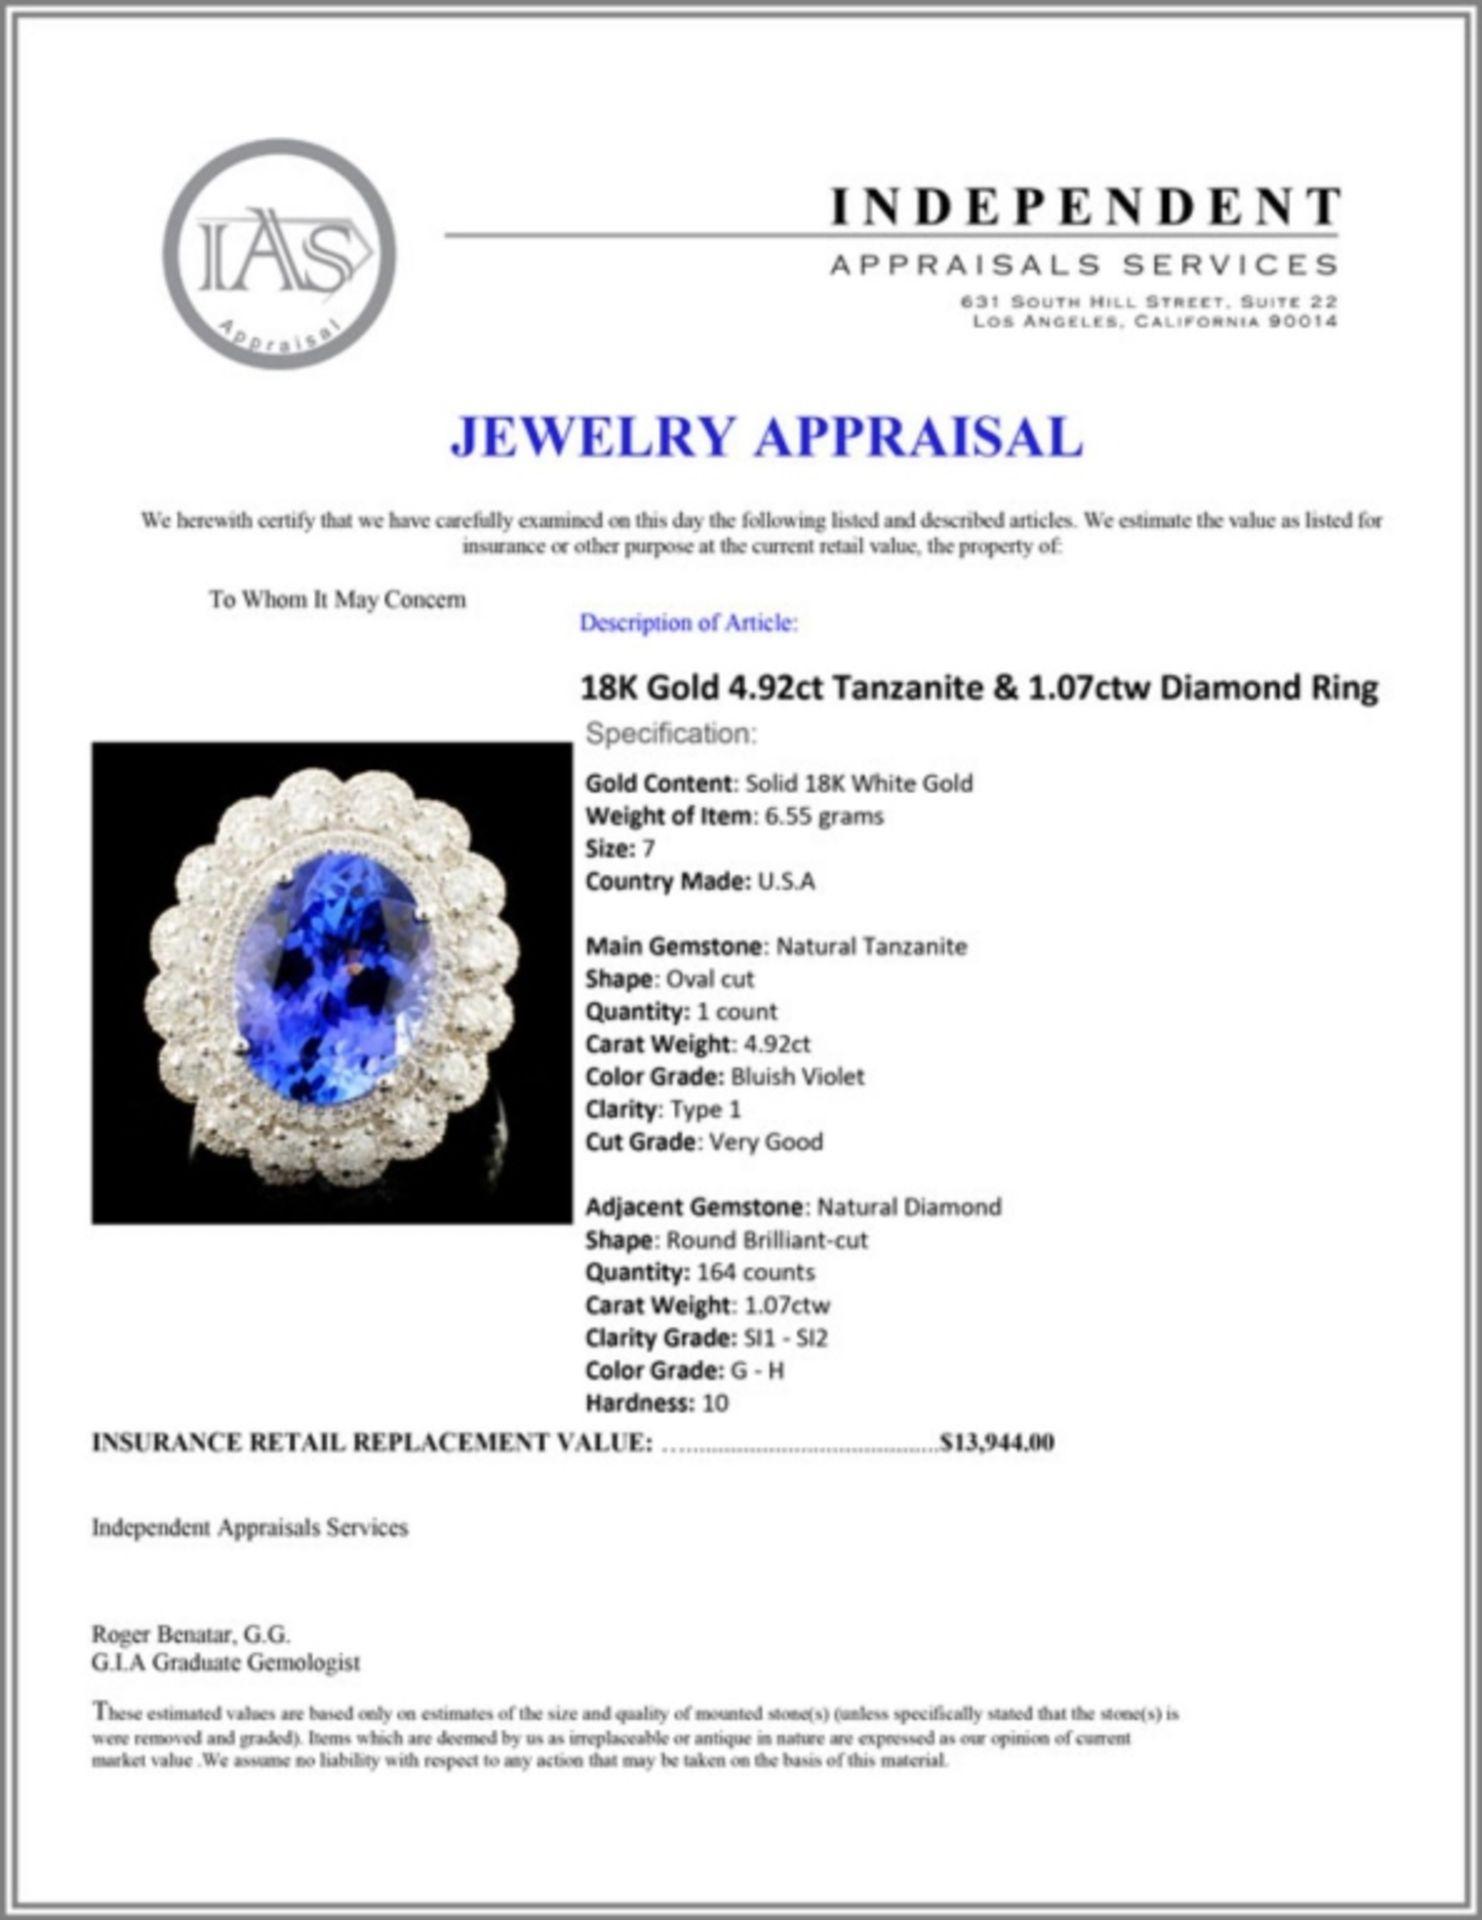 18K Gold 4.92ct Tanzanite & 1.07ctw Diamond Ring - Image 5 of 5